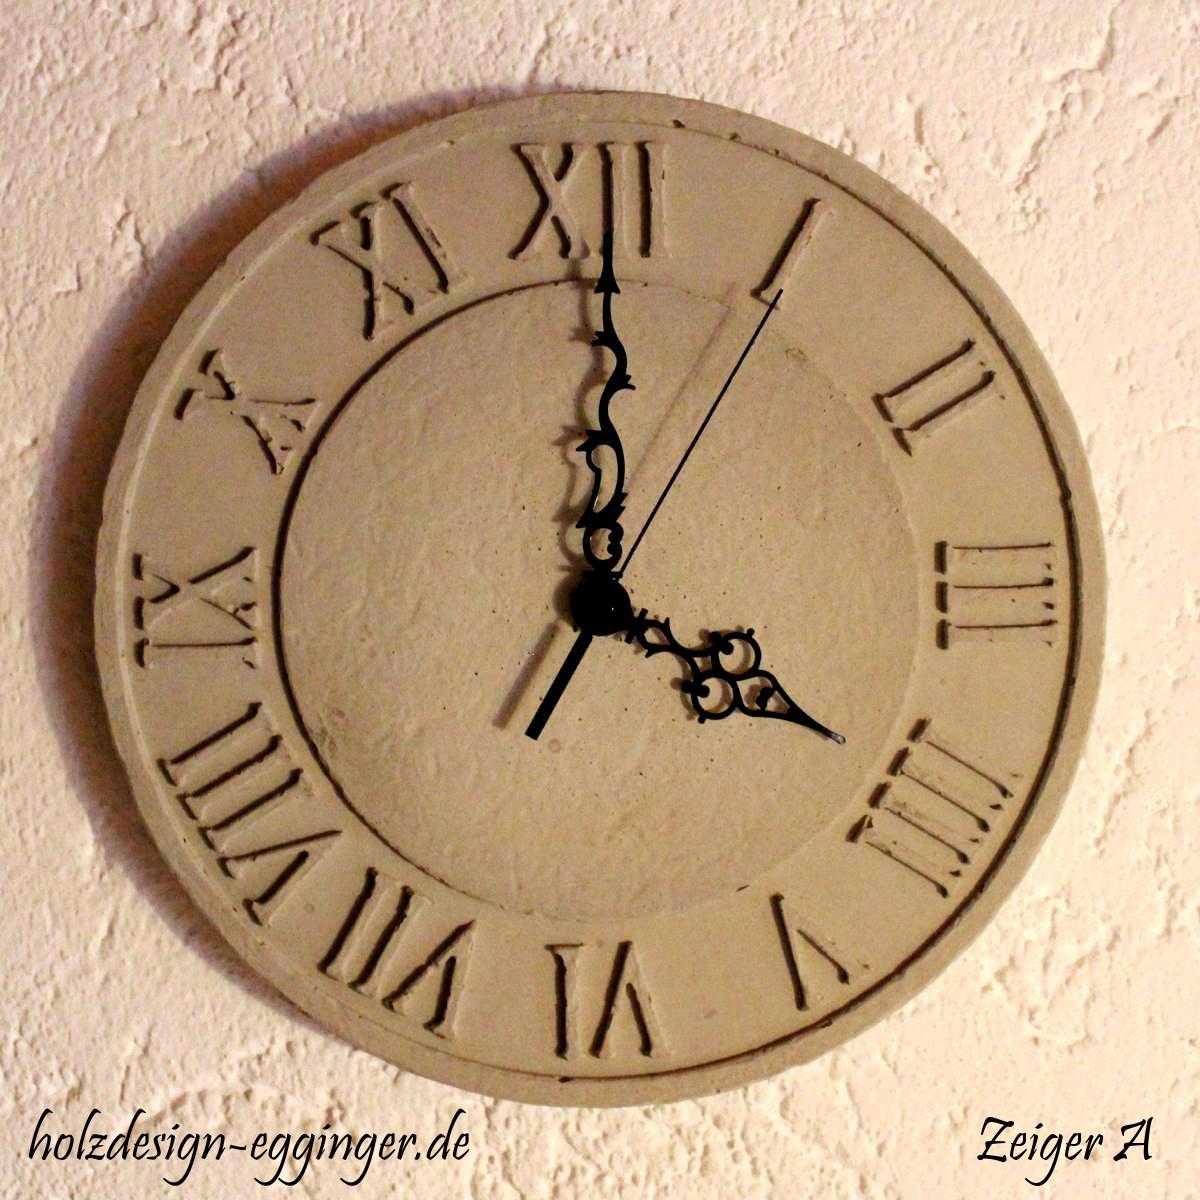 Uhr römische zahlen  Uhren - holzdesign-egginger